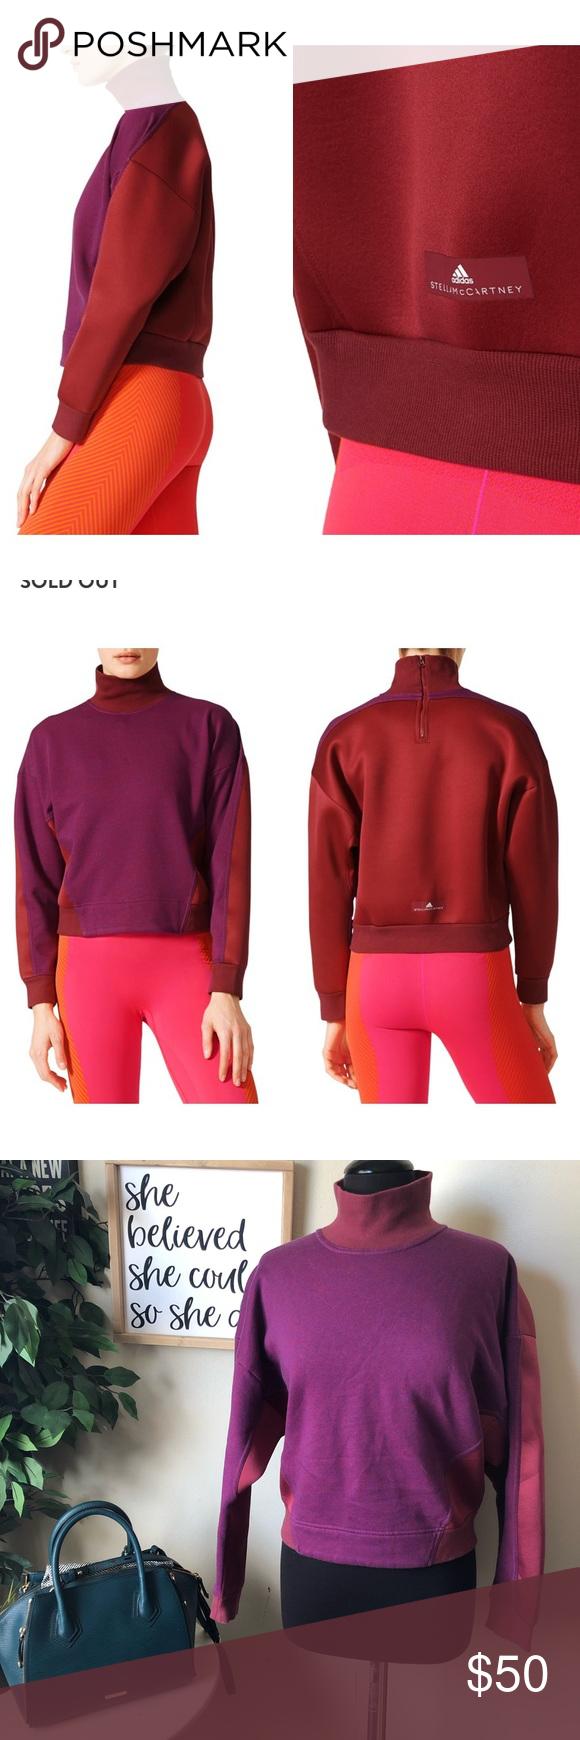 Yoga Turtleneck Sweatshirt Adidas Stella Mccartney Stella Mccartney Adidas Sweatshirts Turtleneck Sweatshirt [ 1740 x 580 Pixel ]